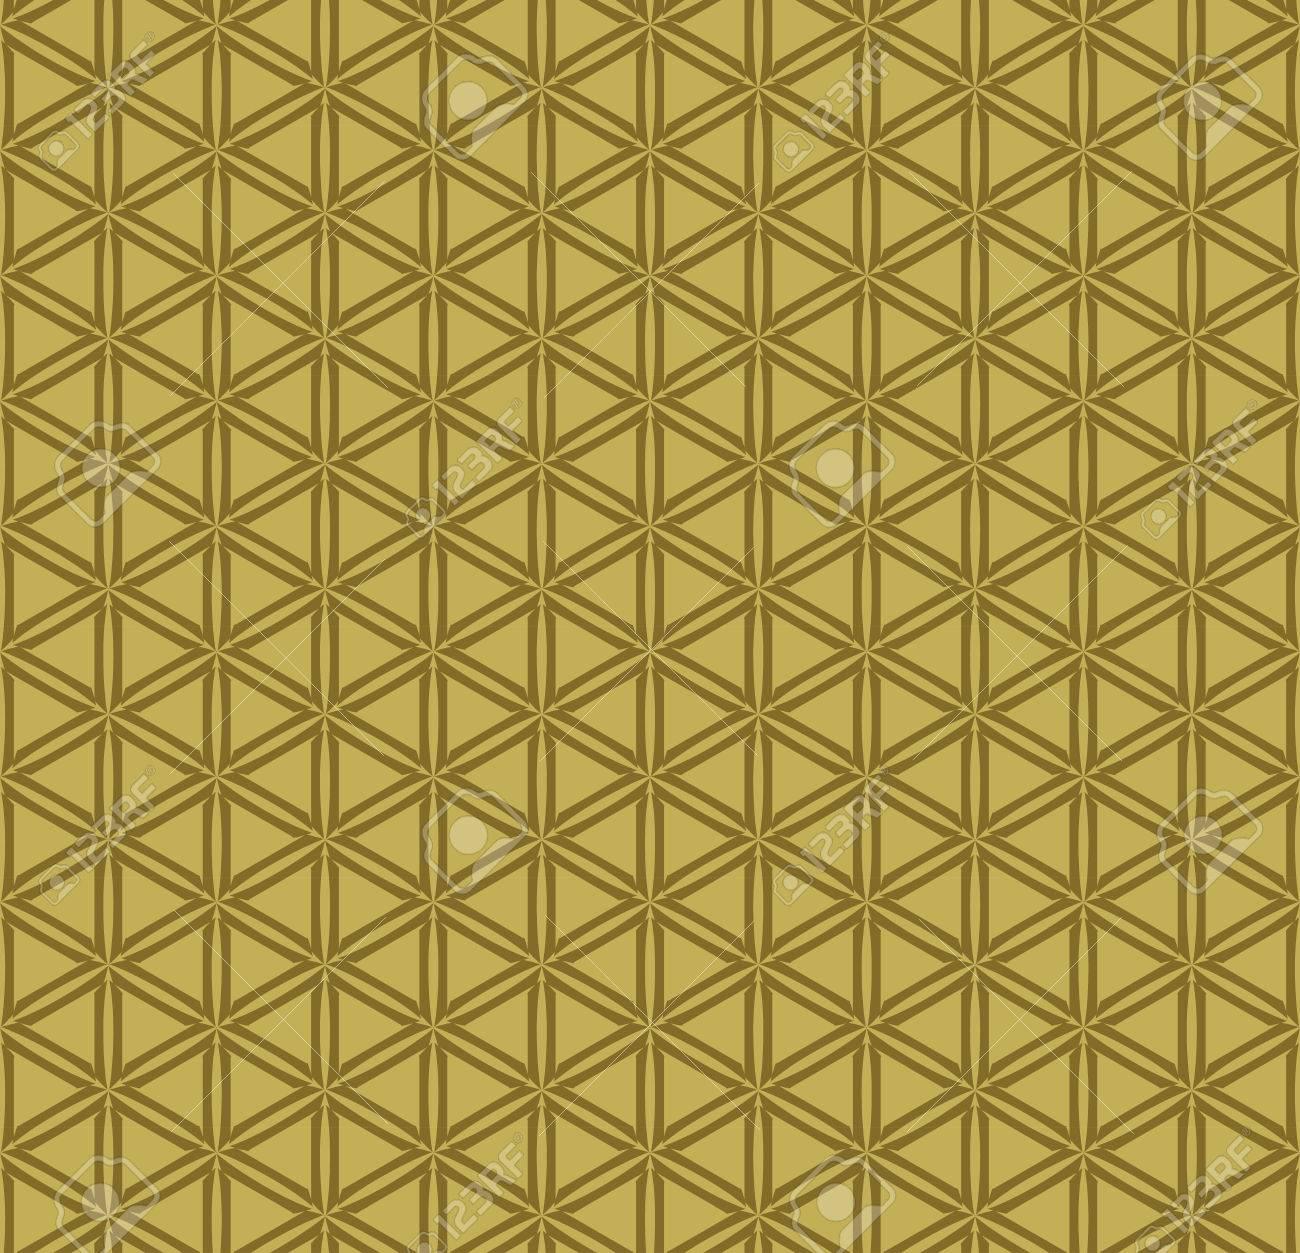 中国アジア伝統的なパターン スウォッチ ベクトル 壁紙 パターンの塗りつぶし Web ページ 背景 表面に無限のテクスチャを使用できますのイラスト素材 ベクタ Image